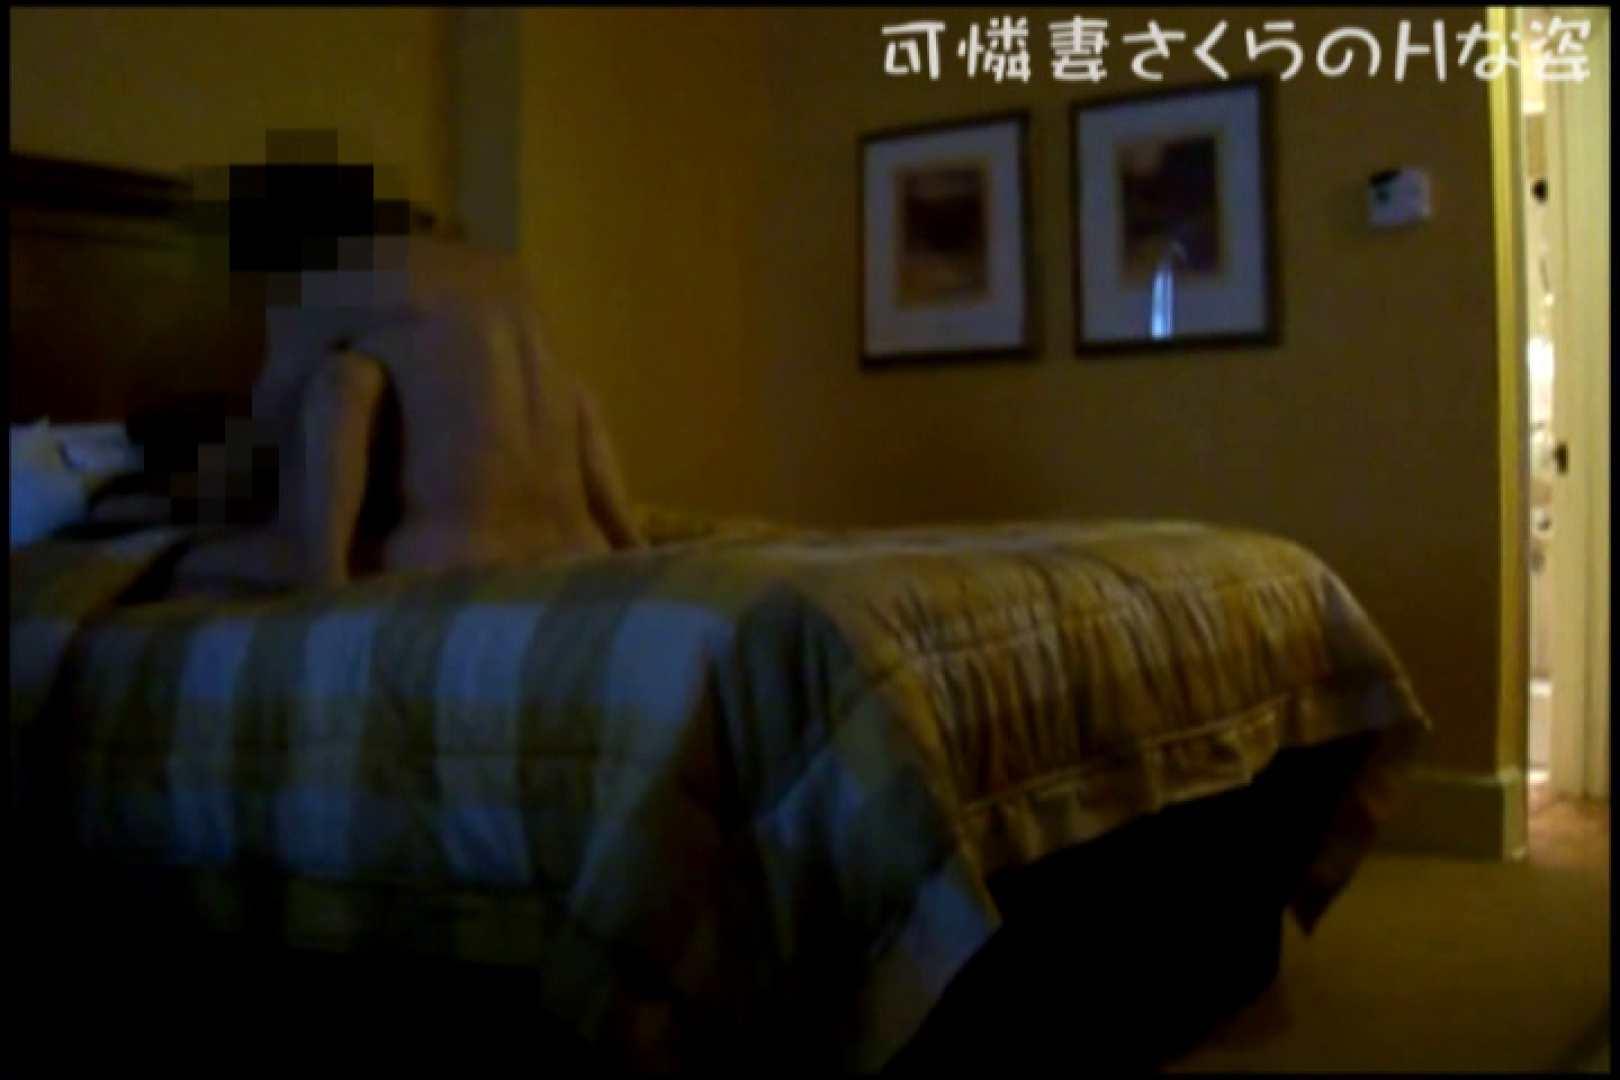 可憐妻さくらのHな姿vol.9後編 セックス | エッチすぎるOL達  105連発 83